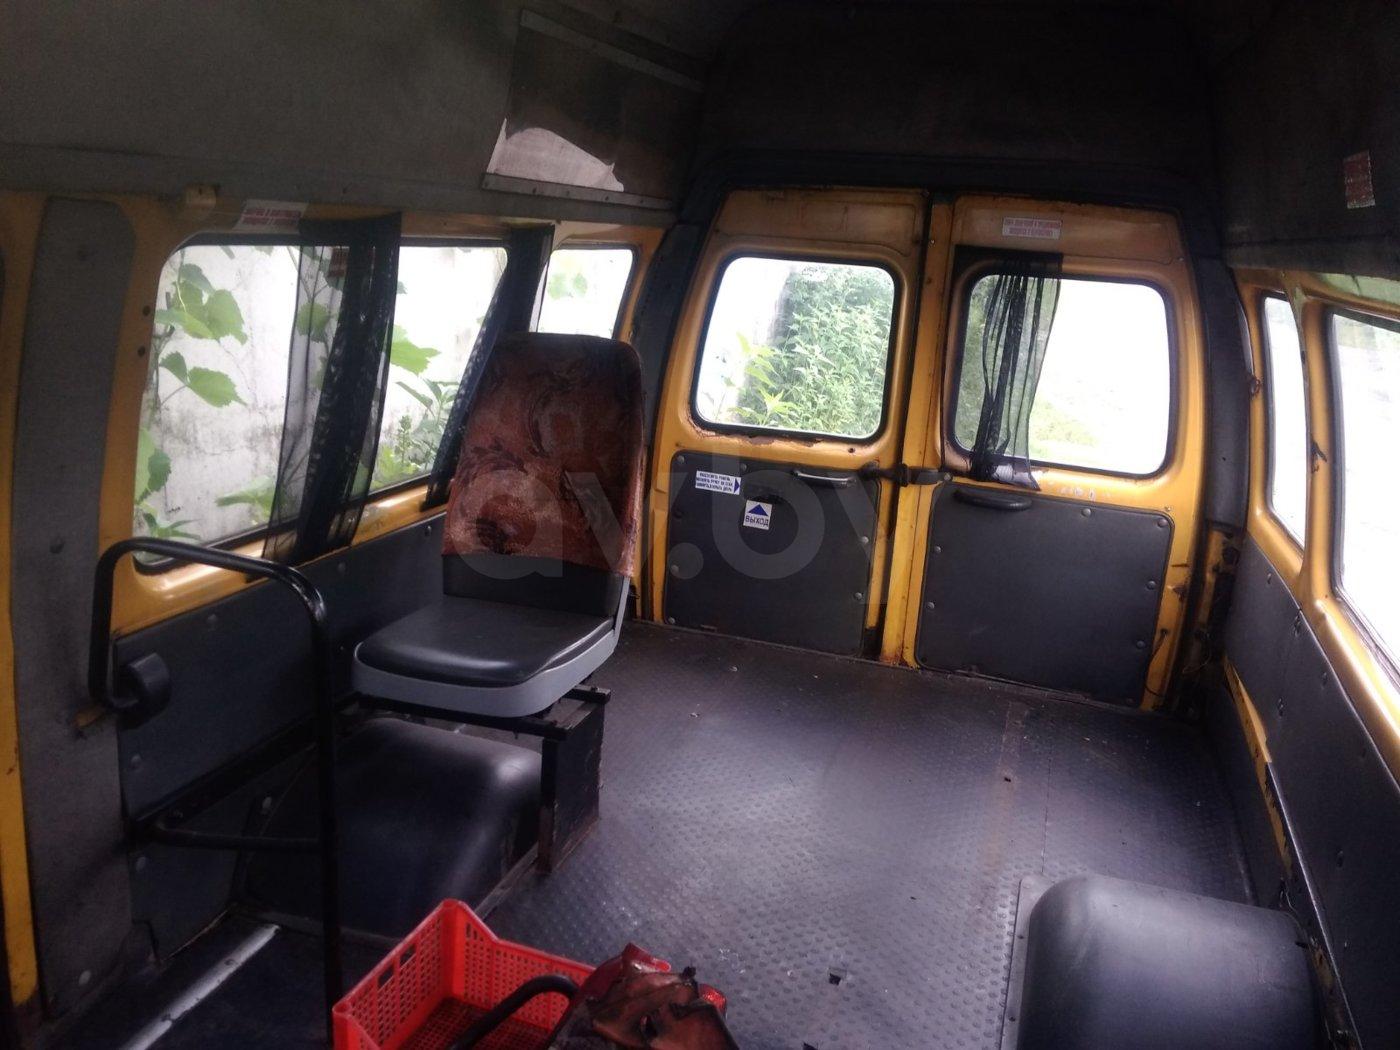 ГАЗ 3221 322133, 2007 г.